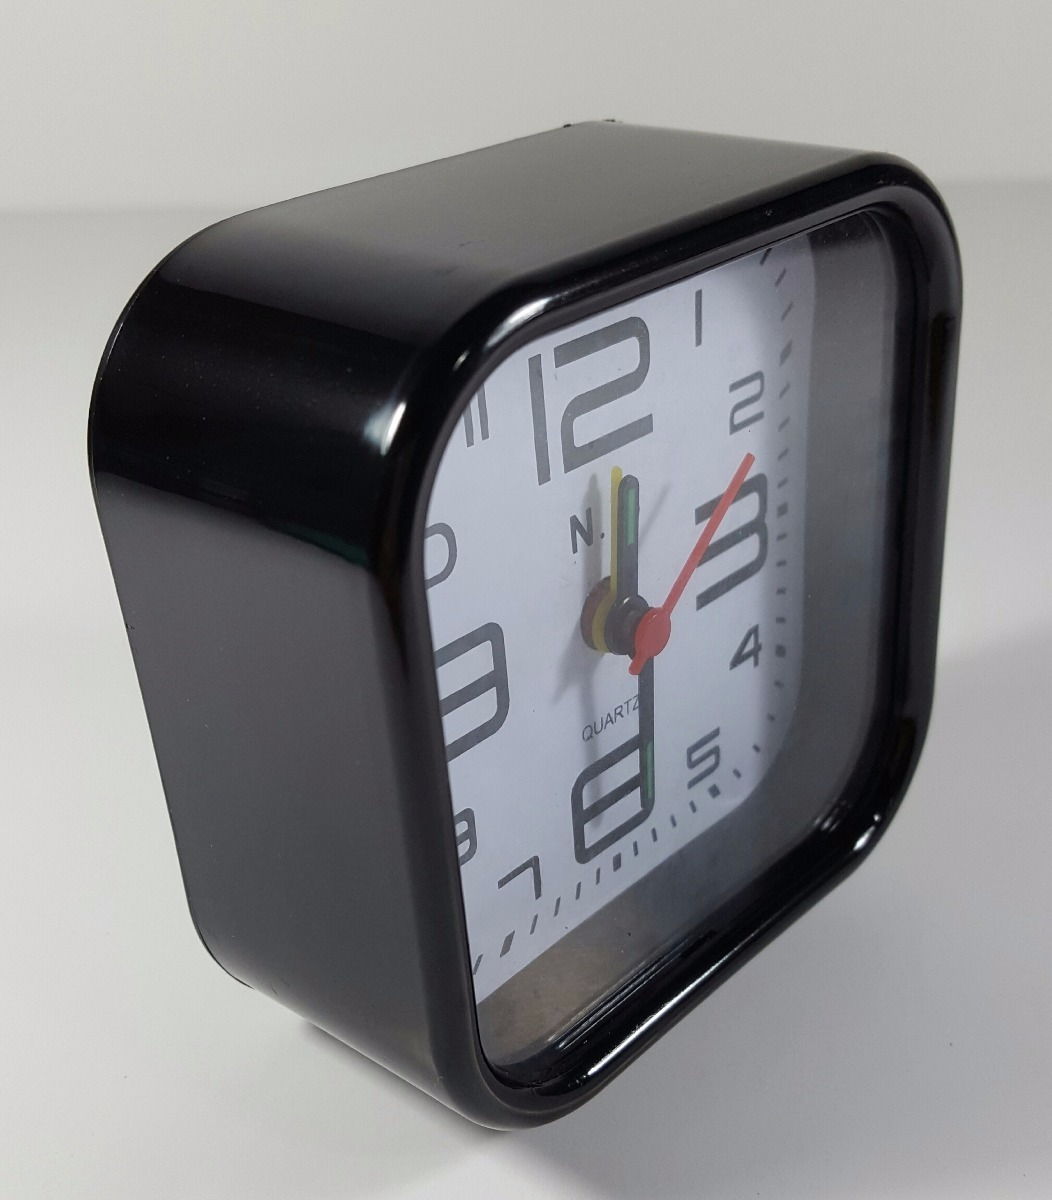 c3091b591bd relógio despertador analógico com som melhor preço. Carregando zoom.